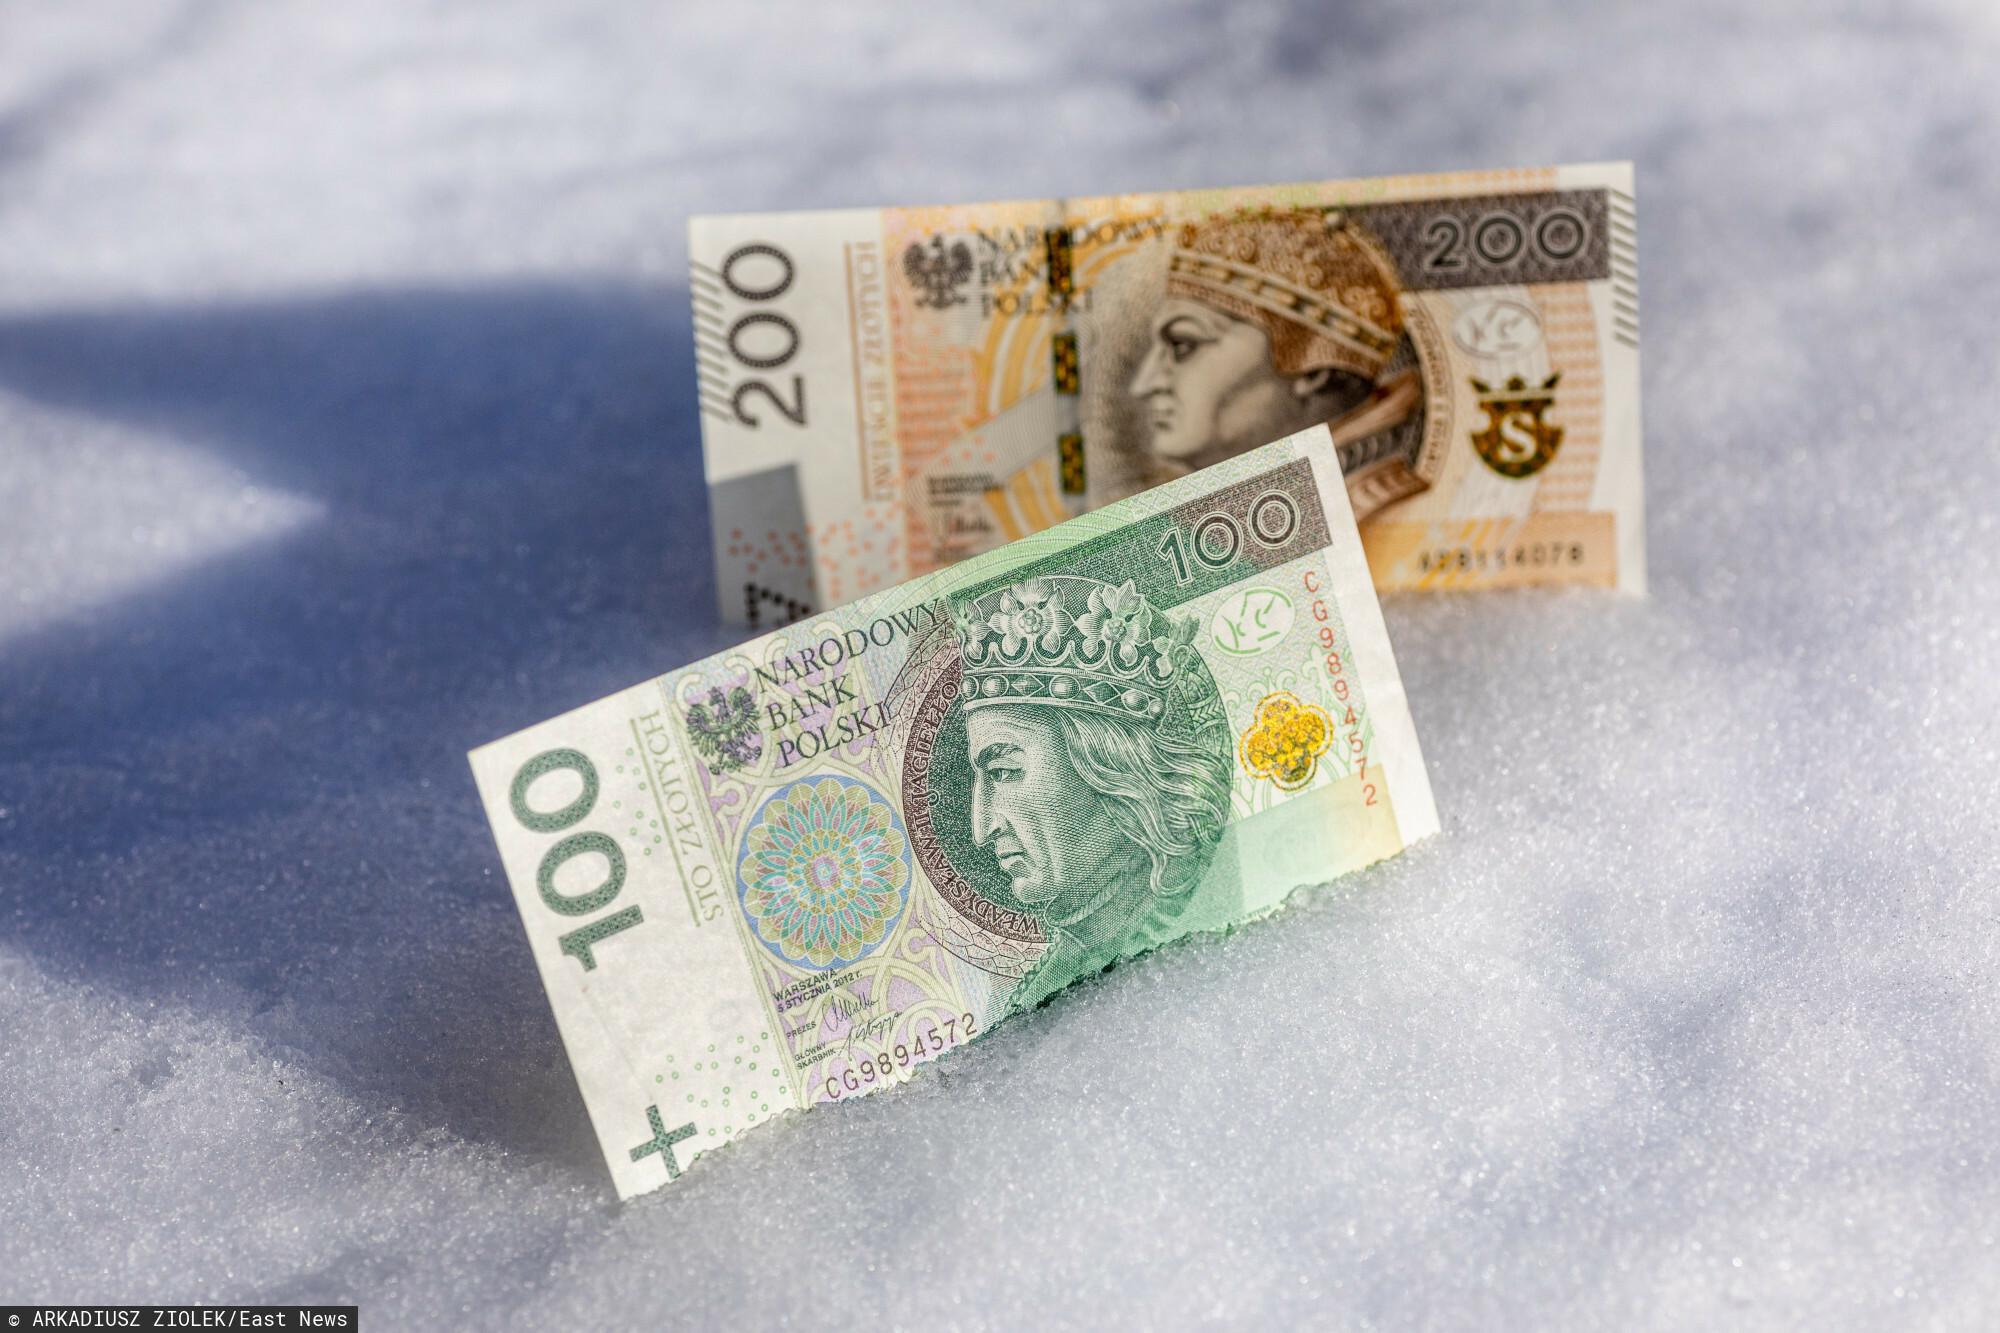 fot: Arkadiusz Ziolek/ East News. n/z Polskie banknoty w sniegu.